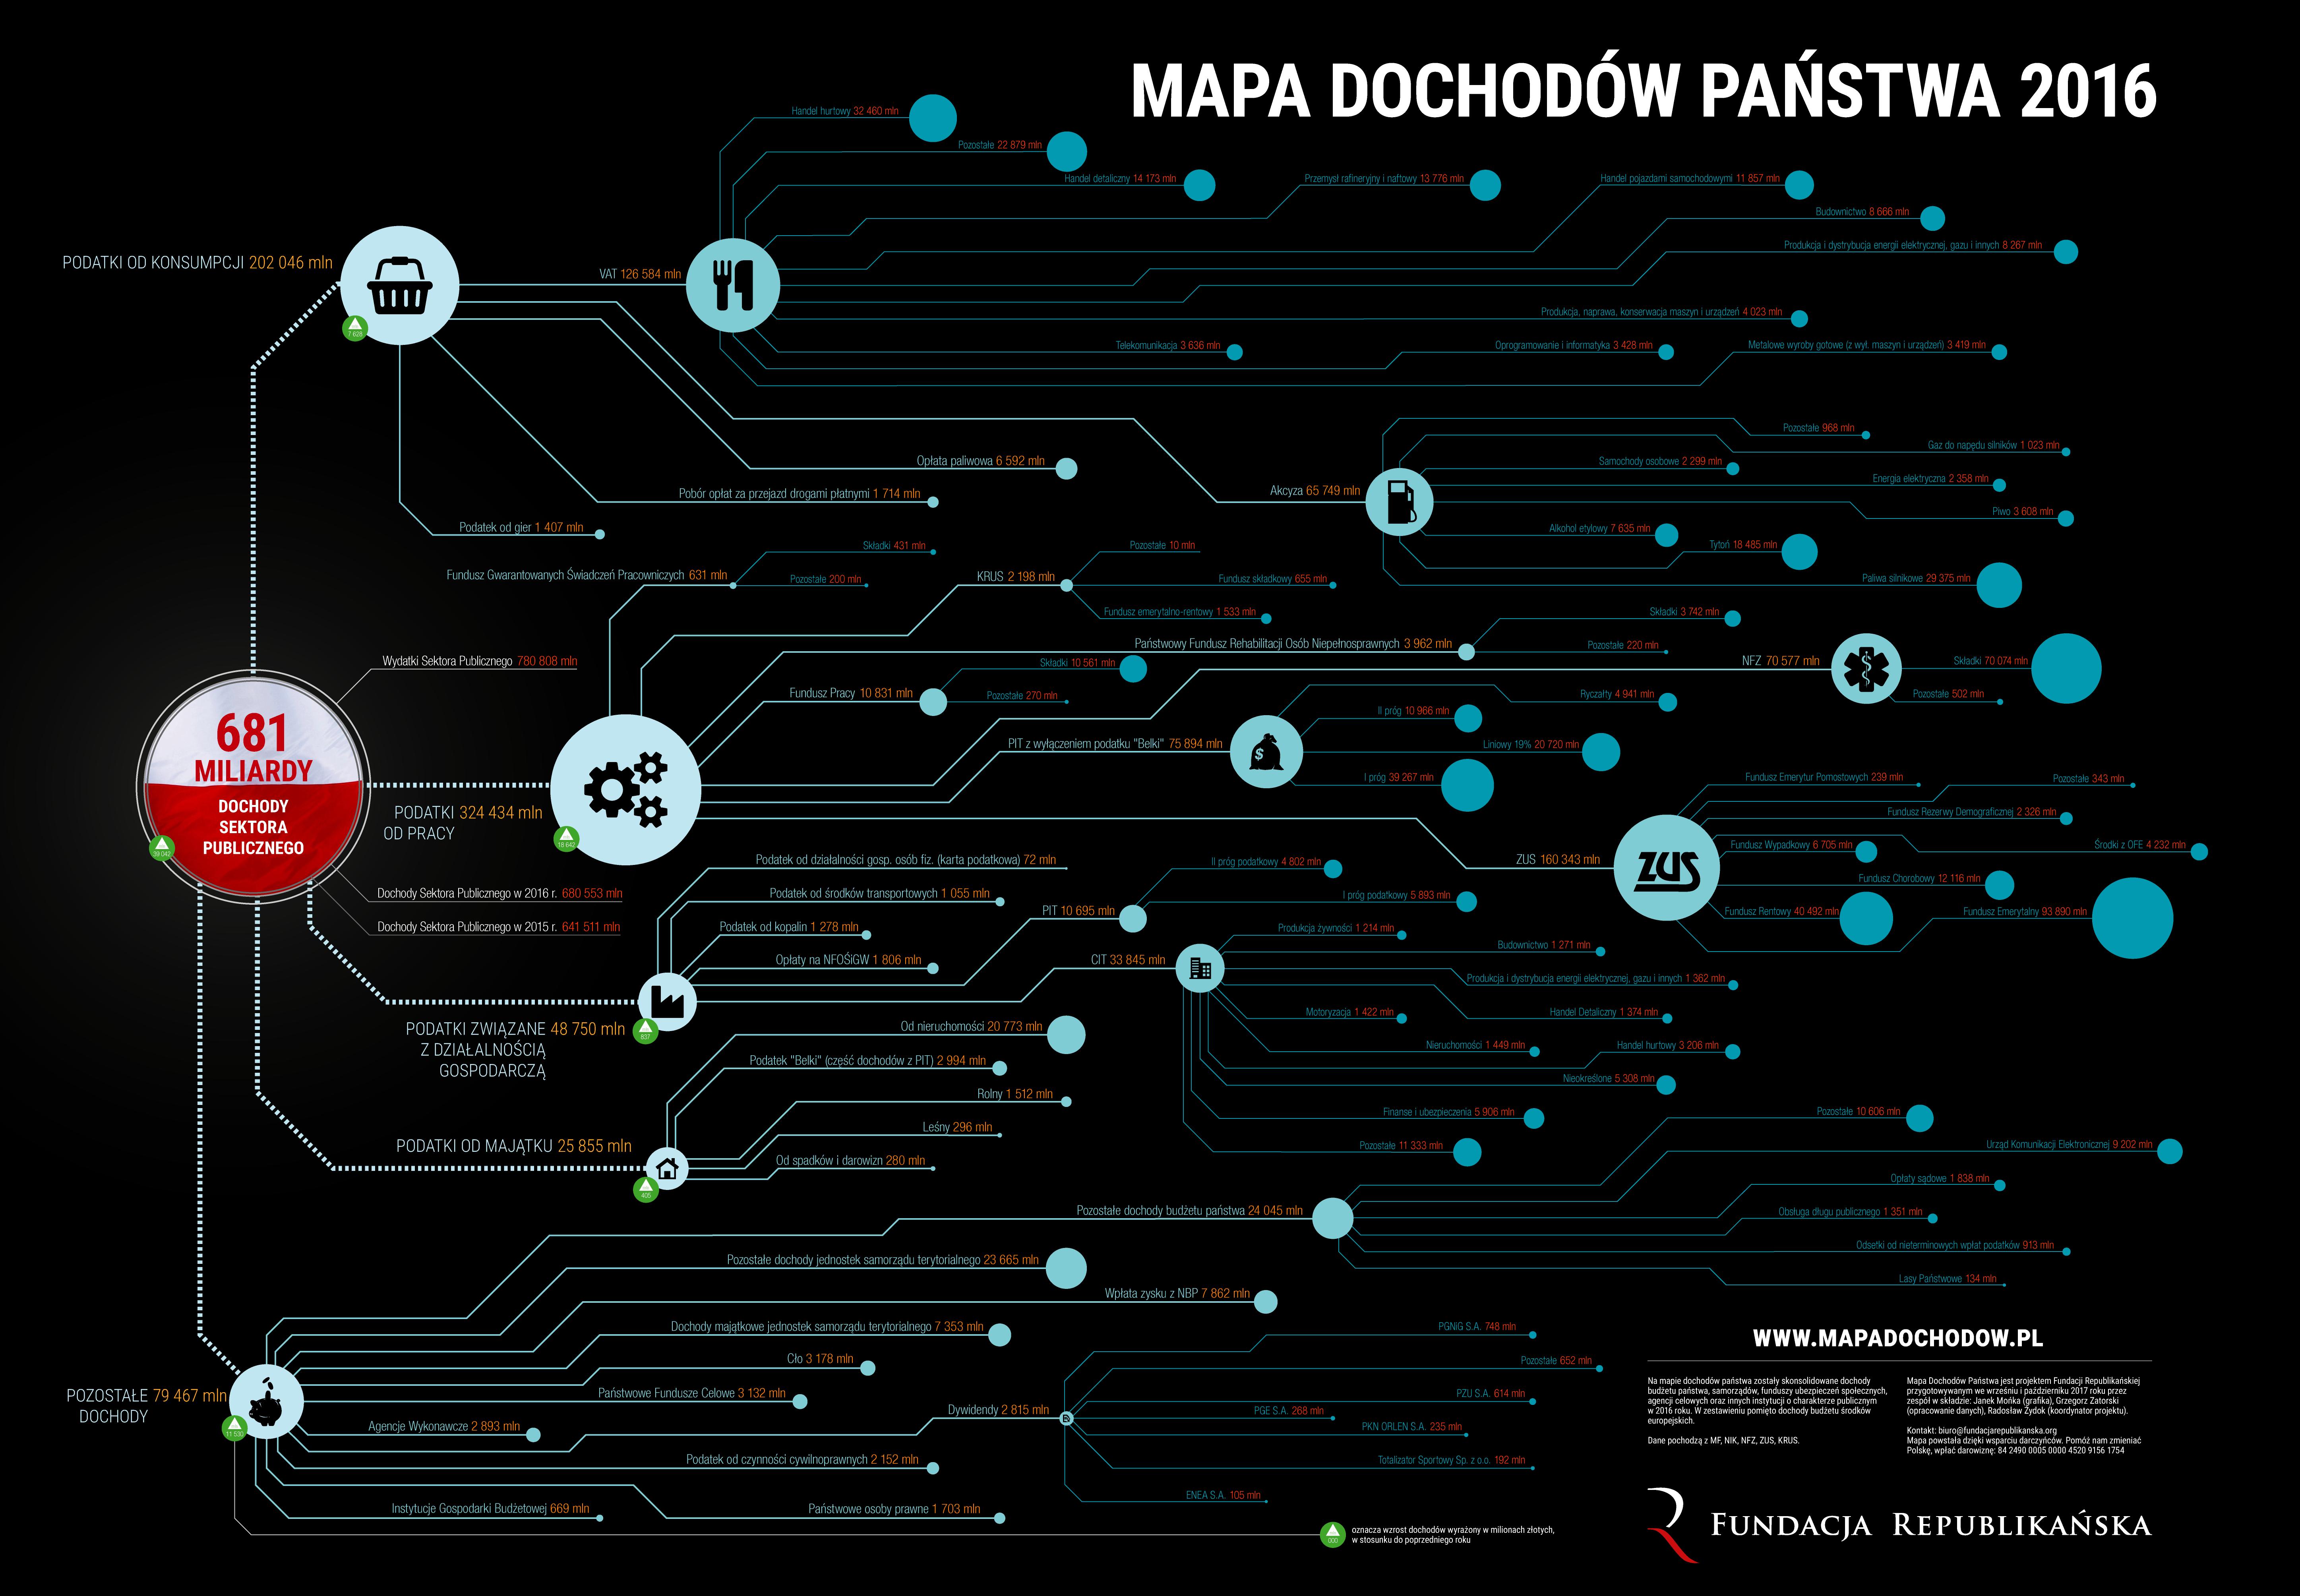 http://www.mapawydatkow.pl/wp-content/uploads/2017/11/Mapa-Dochodow-2016_150dpi.png